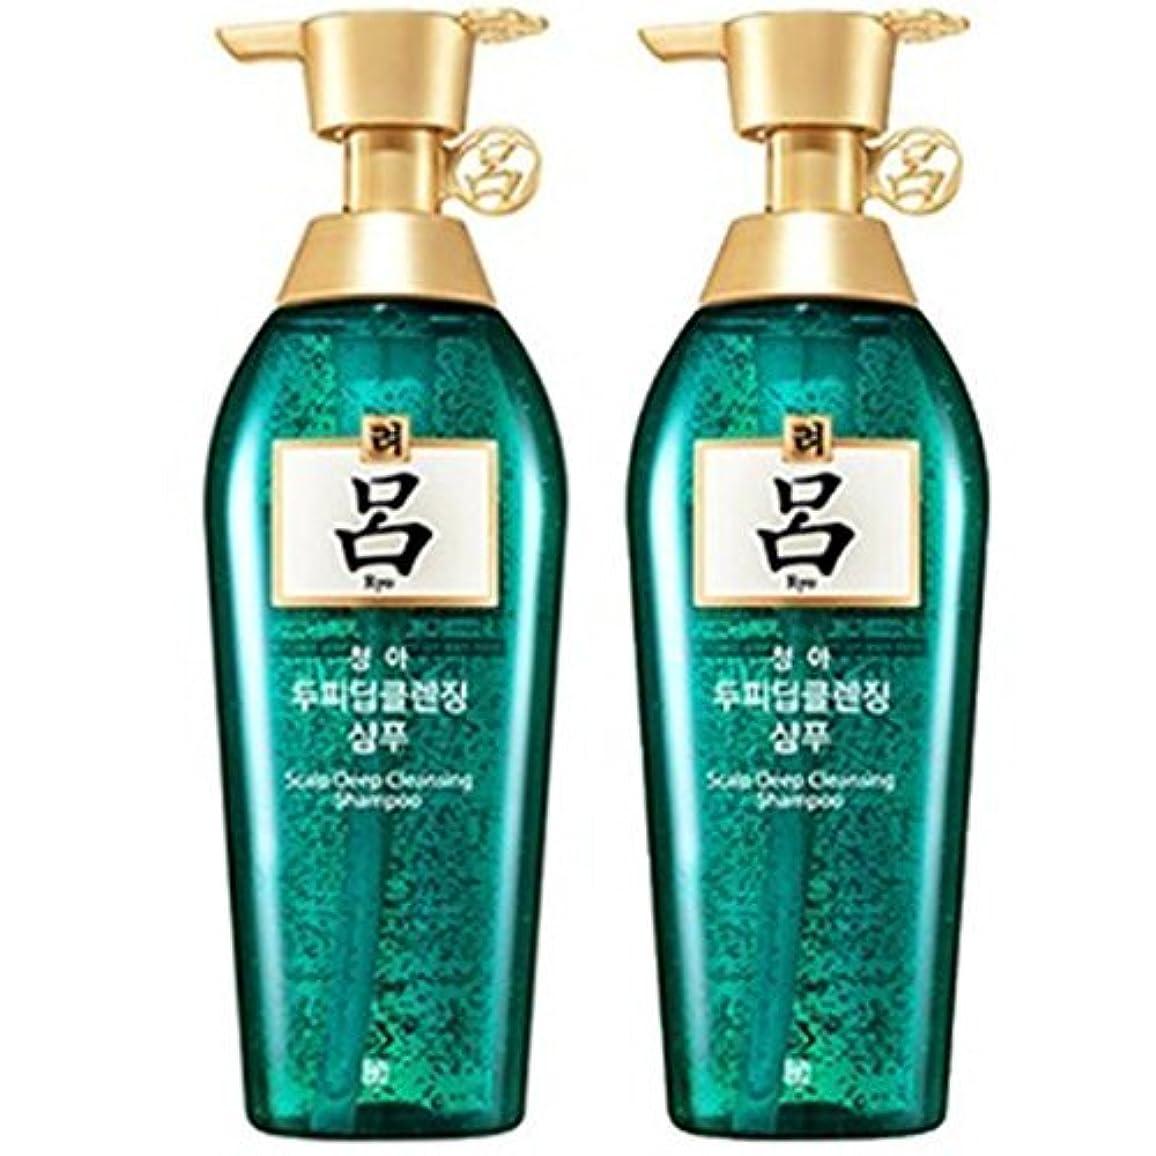 類似性メルボルン原子炉[RYO/呂/リョ] 清雅頭皮 ディープ クレンジング 企画セット(シャンプー/400mlX2ea)/Cheong ah Scalp Deep Cleansing Shampoo